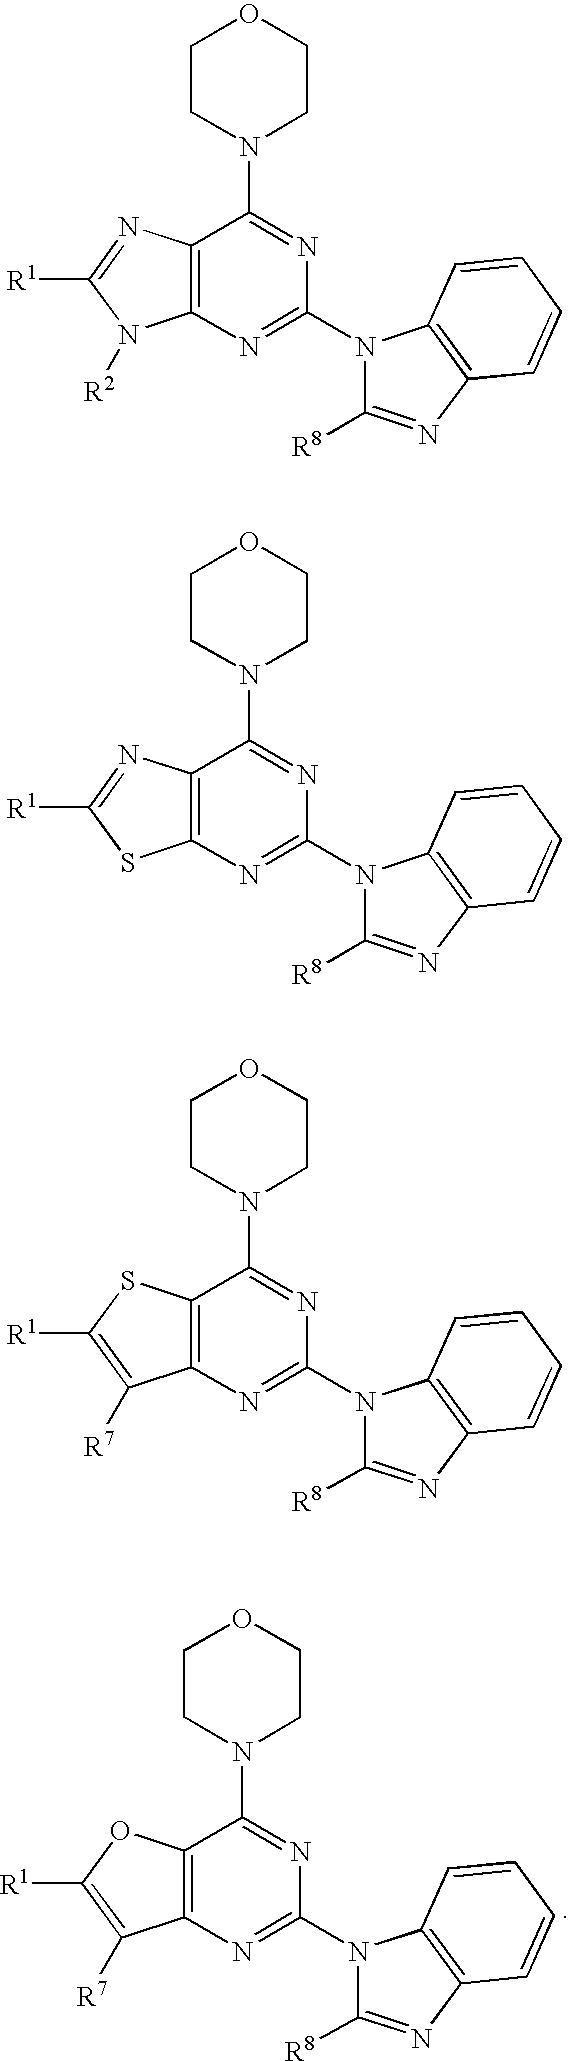 Figure US08173650-20120508-C00034